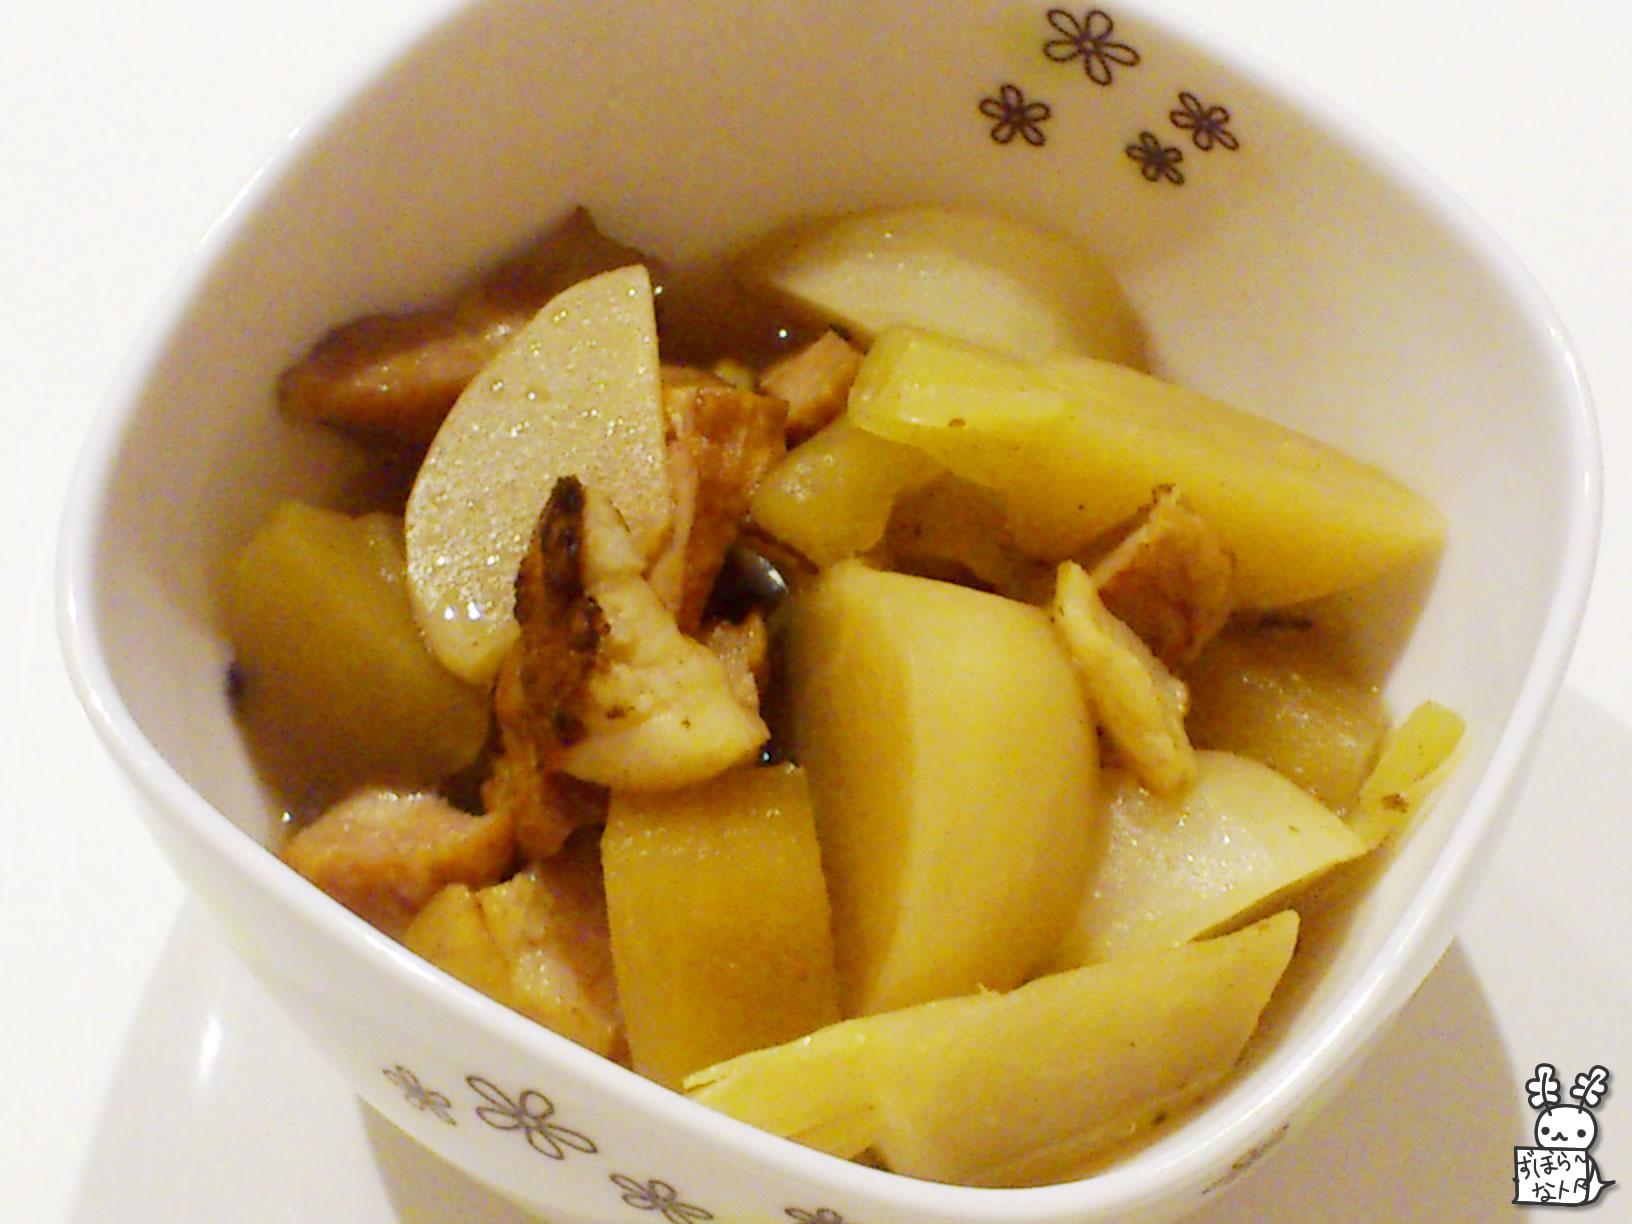 カブとリンゴとベーコンのスパイシー煮込み